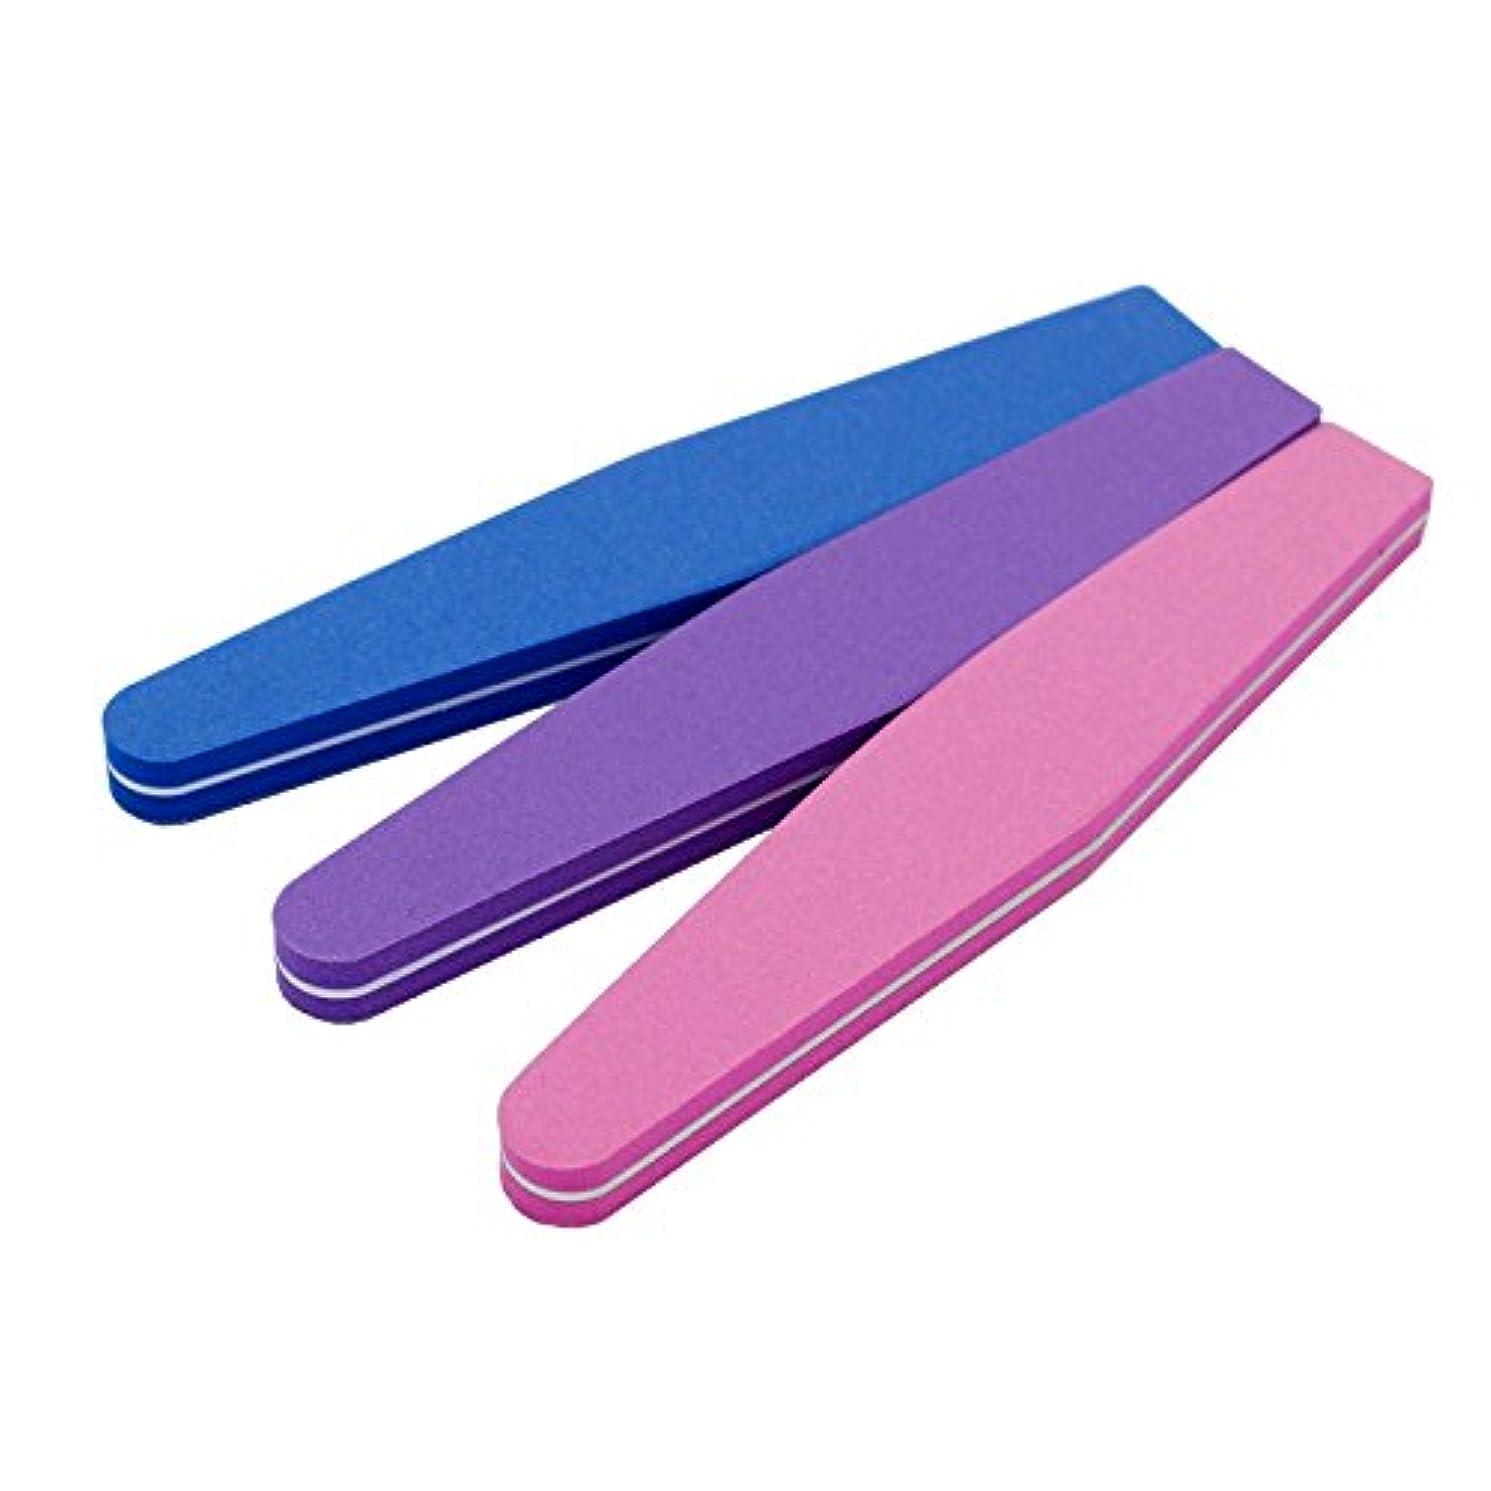 地殻ヘッドレス同志JomMart スポンジ ネイルファイル 爪用ヤスリ 3色セット(ピンク パープル ブルー) BY0040